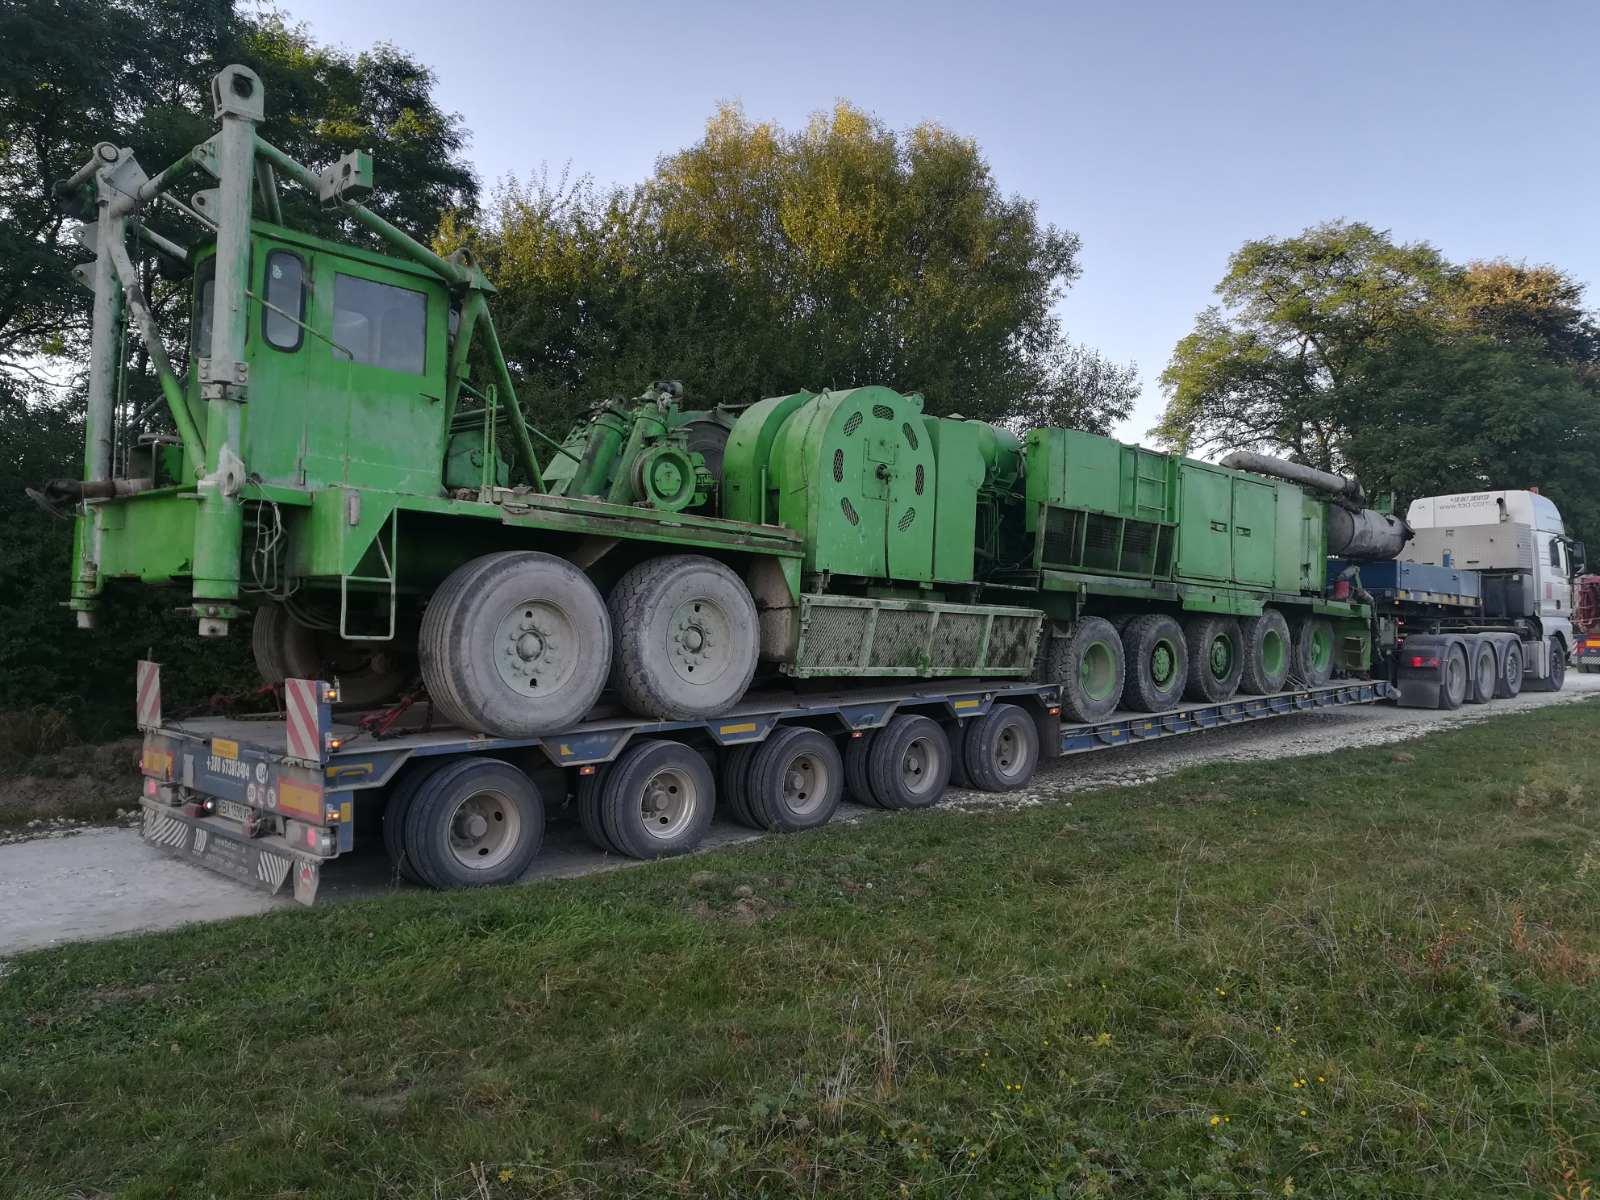 Перевозка буровой установки. Габариты длина 15 метров, ширина 3 метра, высота 4 метра -2